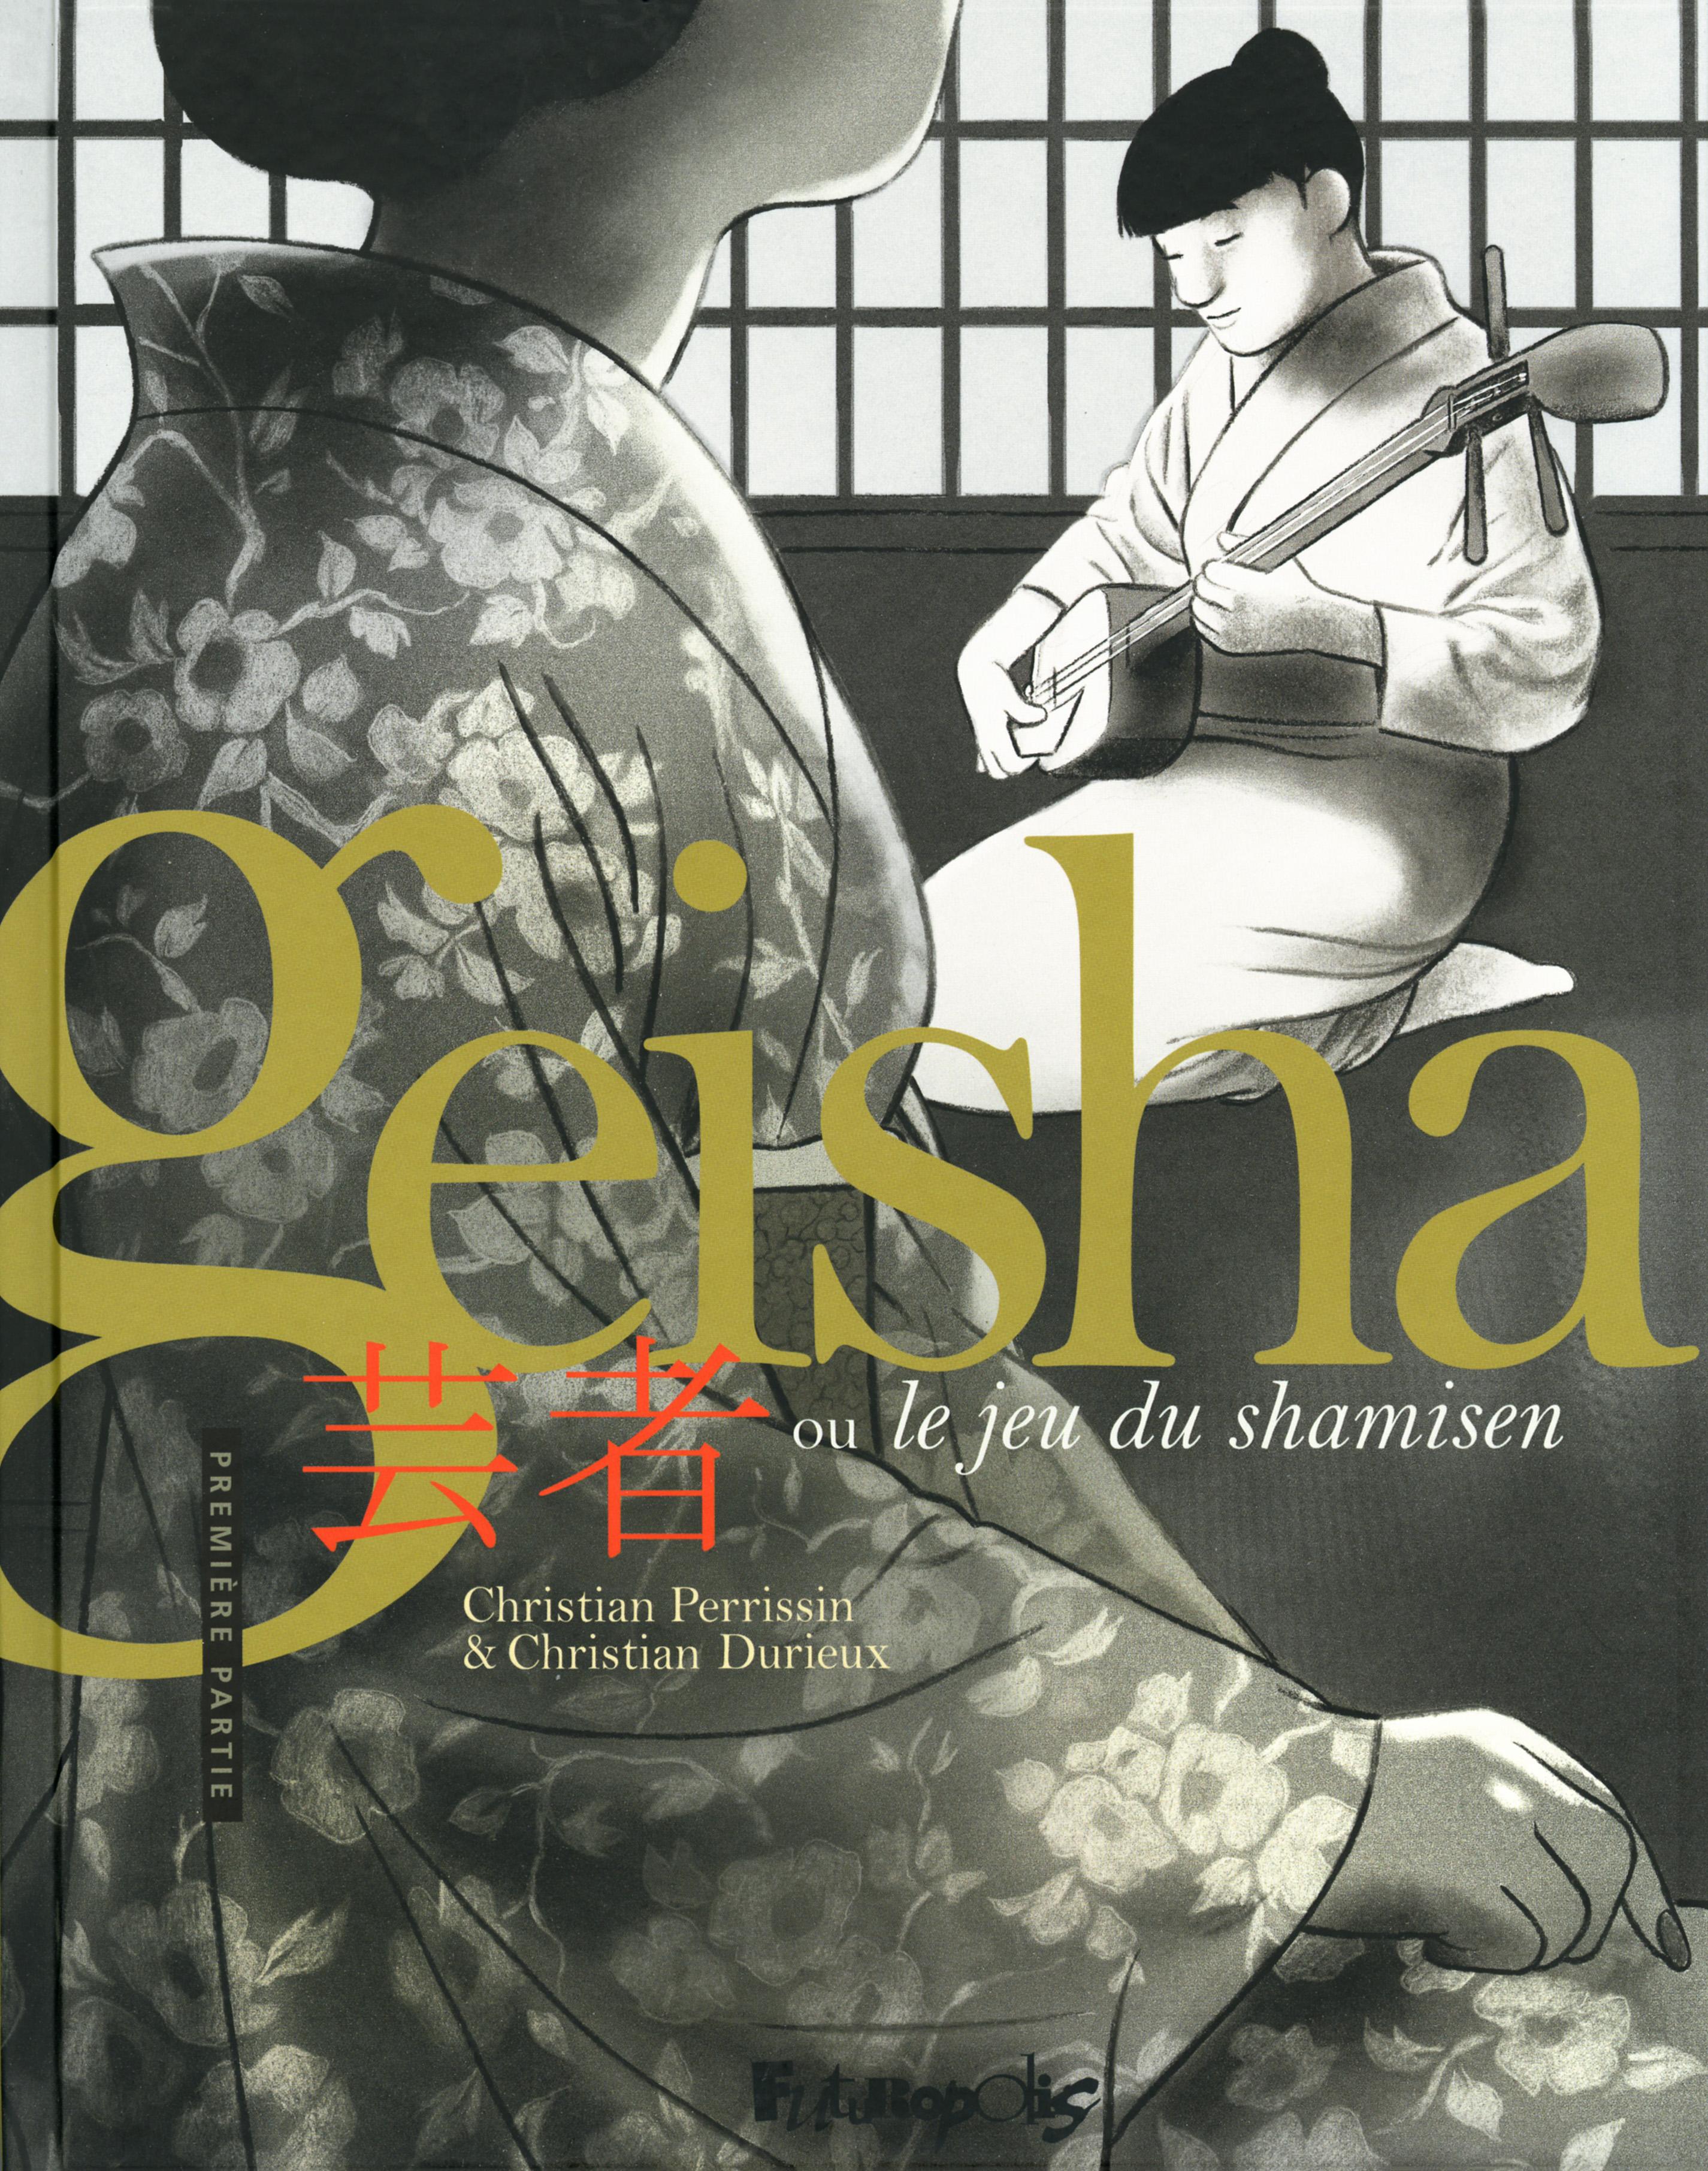 Geisha ou Le jeu du shamisen (Partie 1)